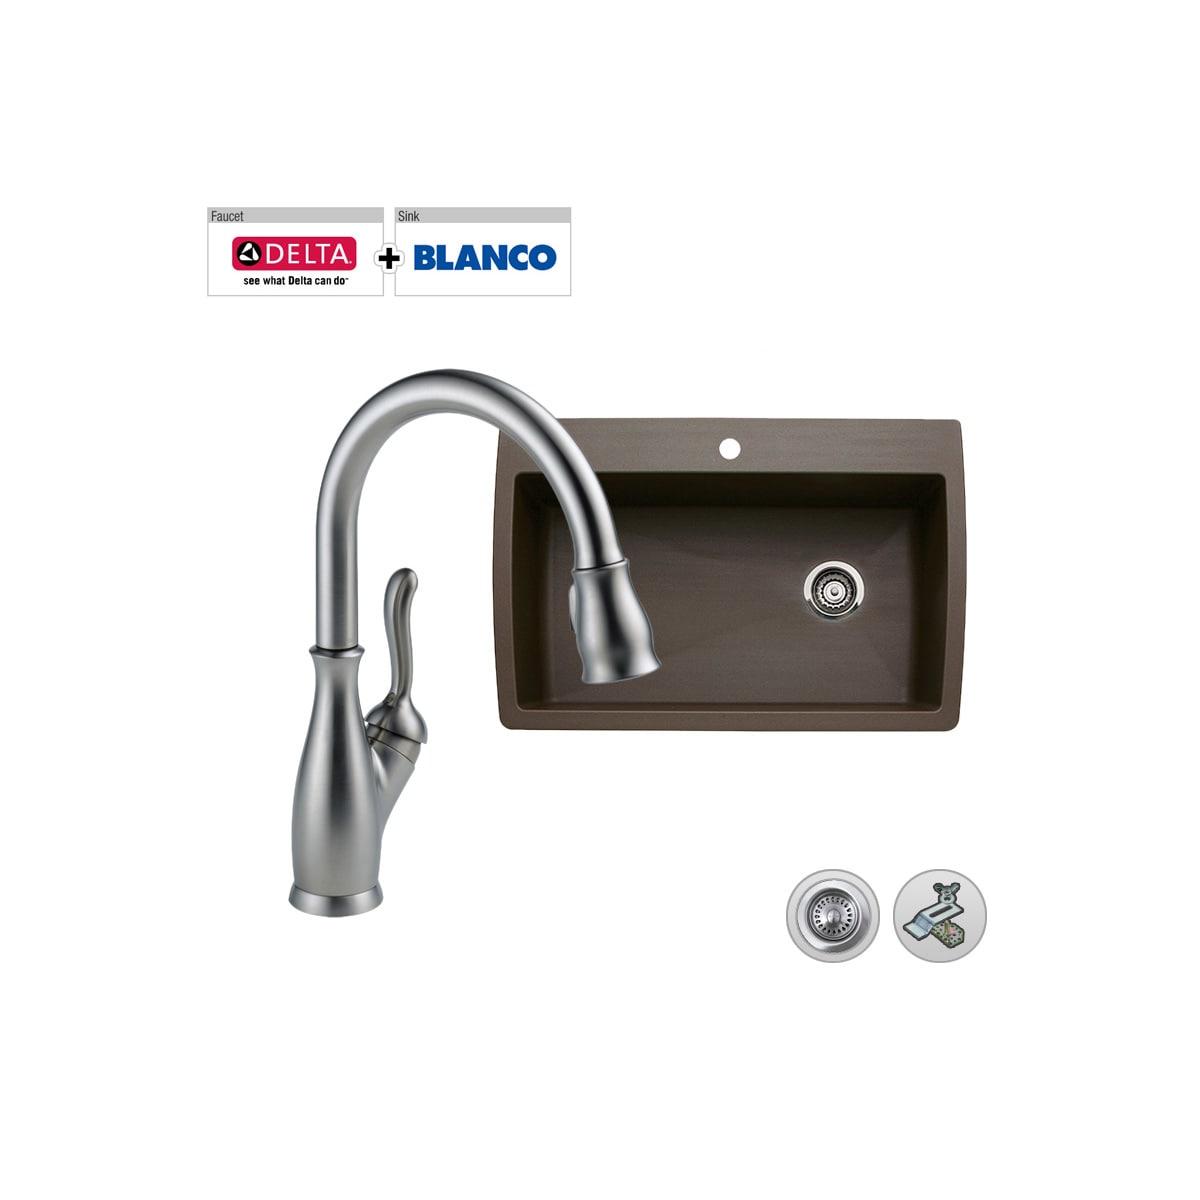 Build Smart Kits B440192 D9178 Dstch Chrome Faucet Combo Blanco 33 1 2 Single Bowl Granite Sink With Delta Leland Pullout Spray Faucet Faucet Com